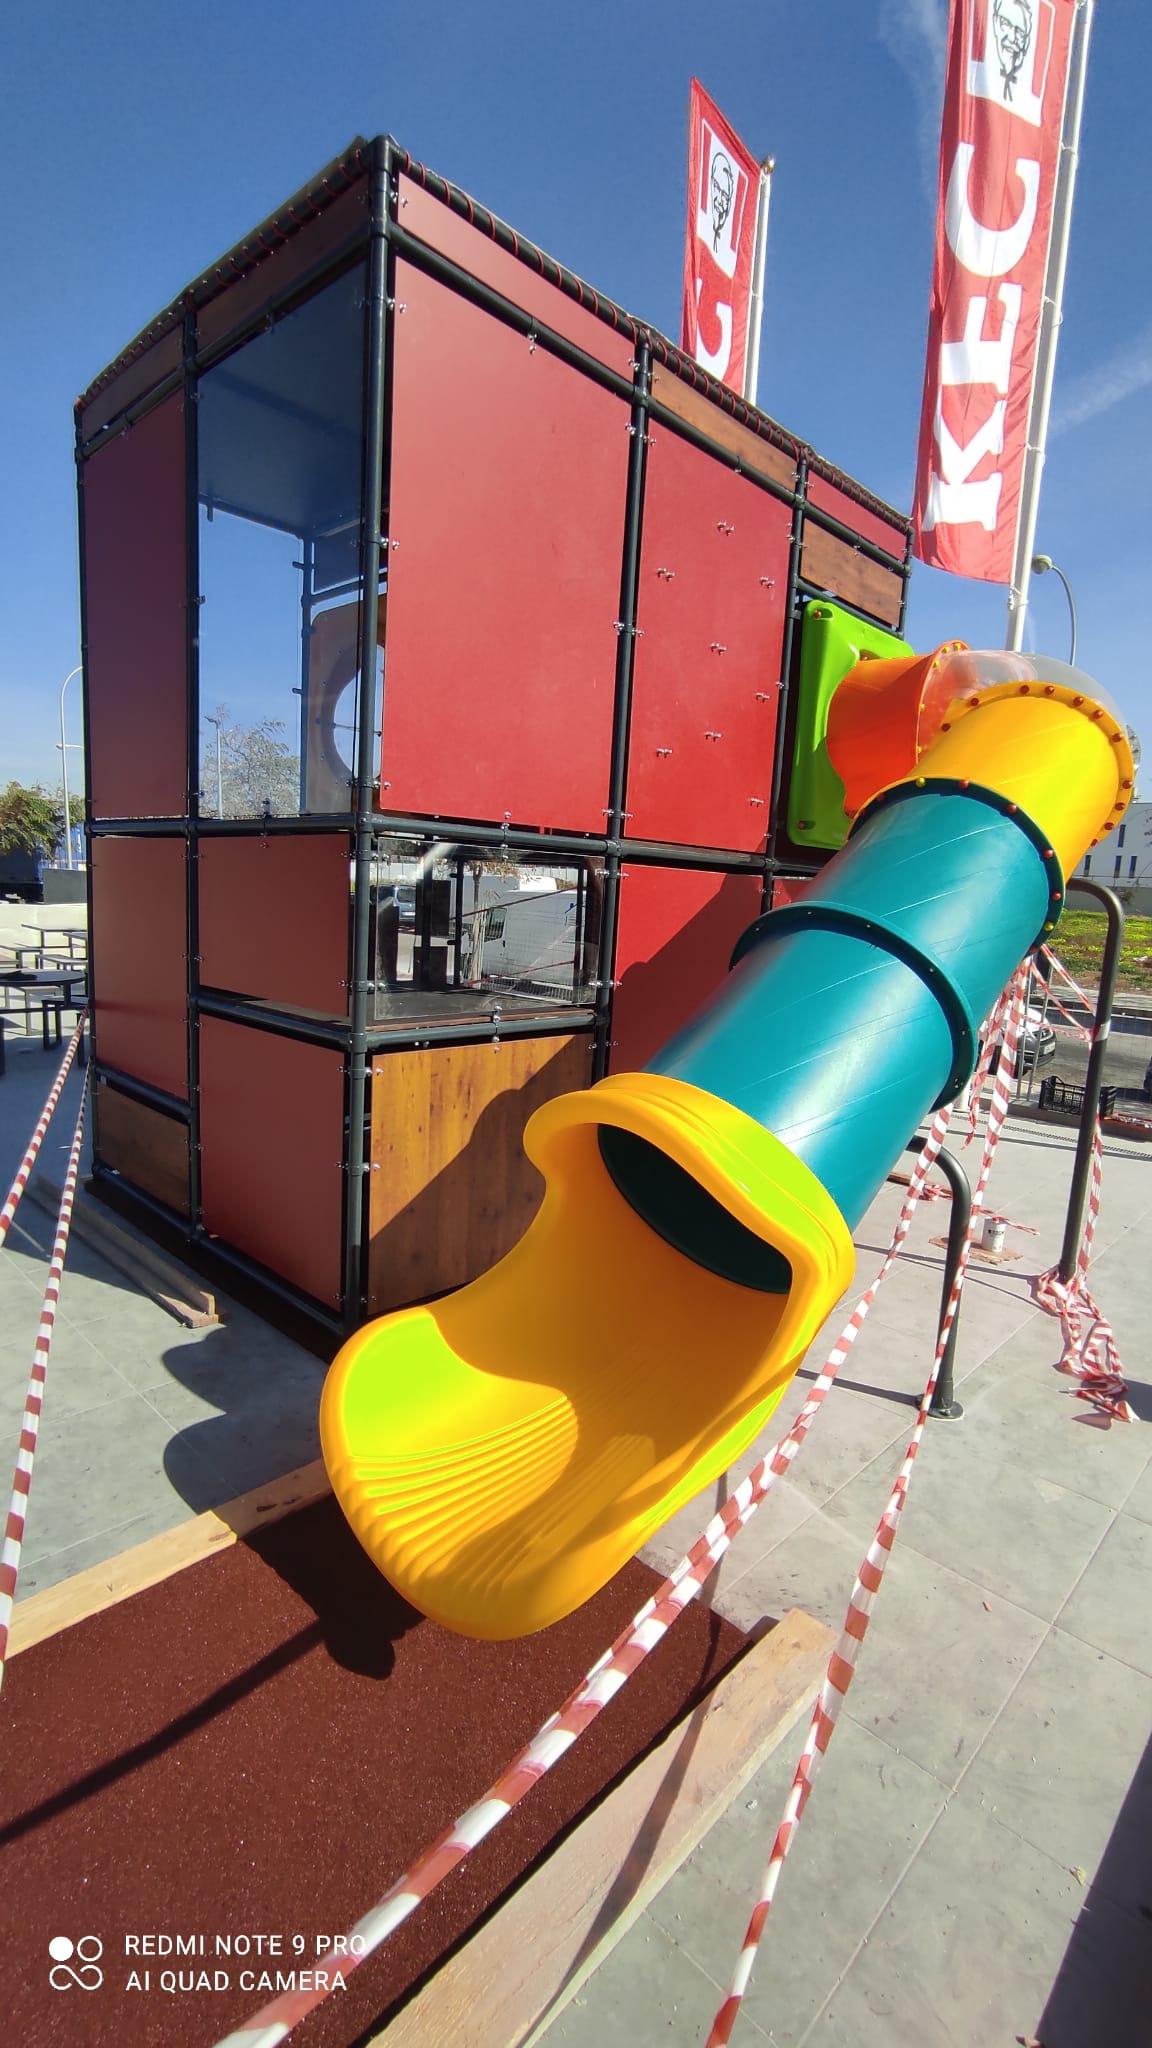 parque infantil kfc